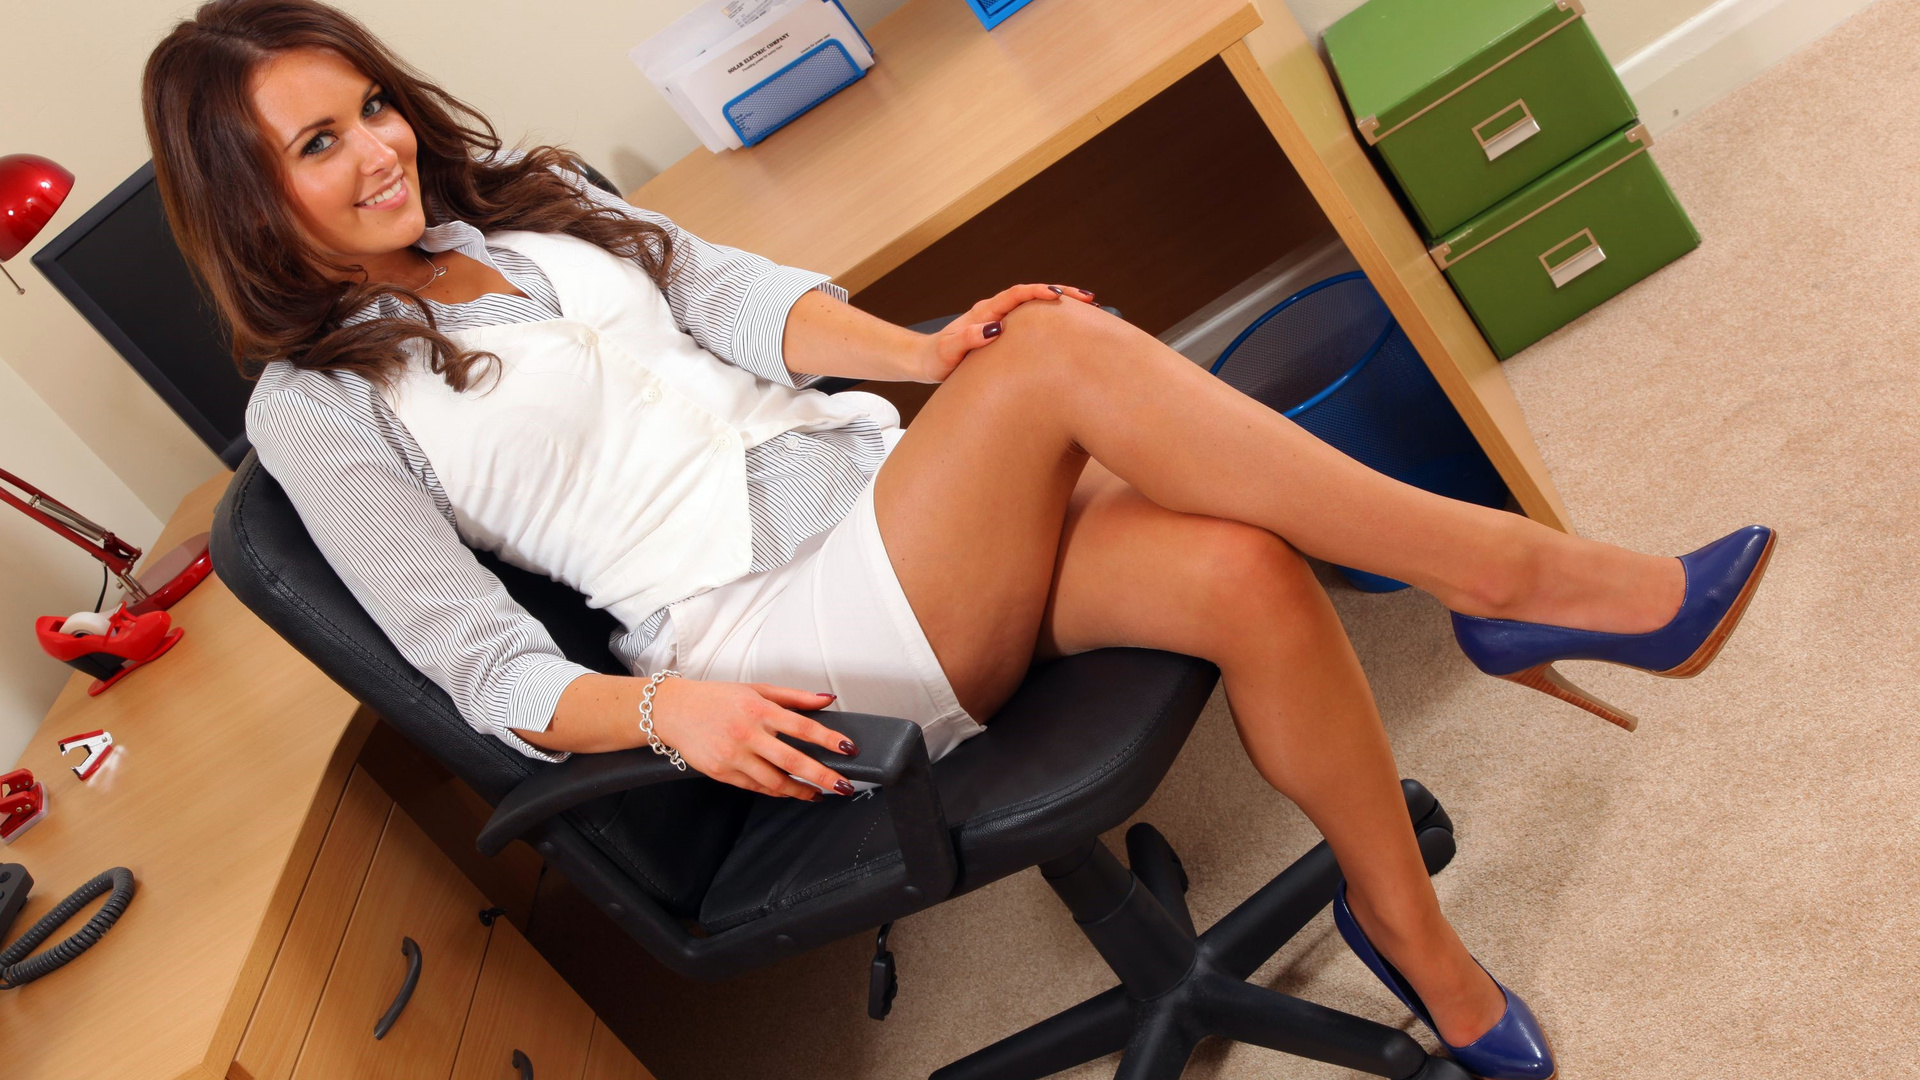 Красотки в офисе фото фалтояно секс видео